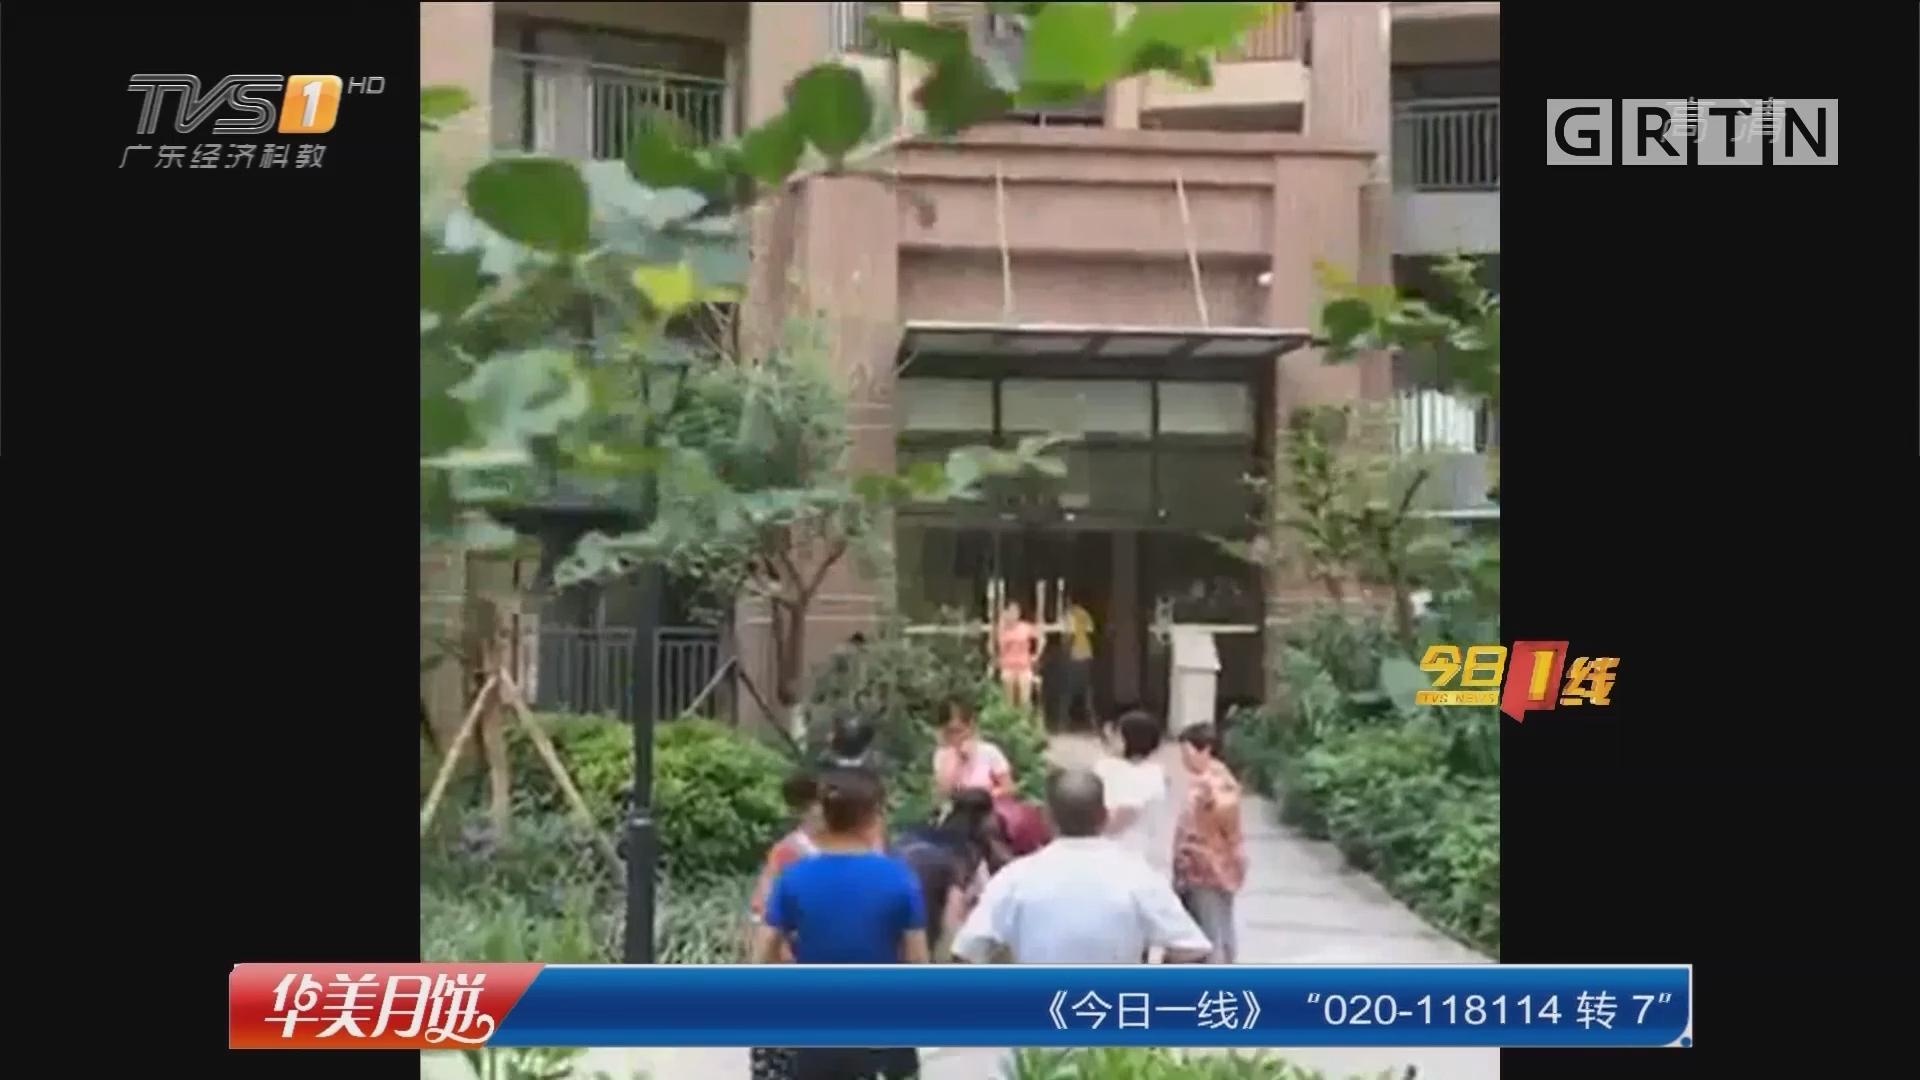 中山:两岁女童楼道坠落 防护栏存隐患?